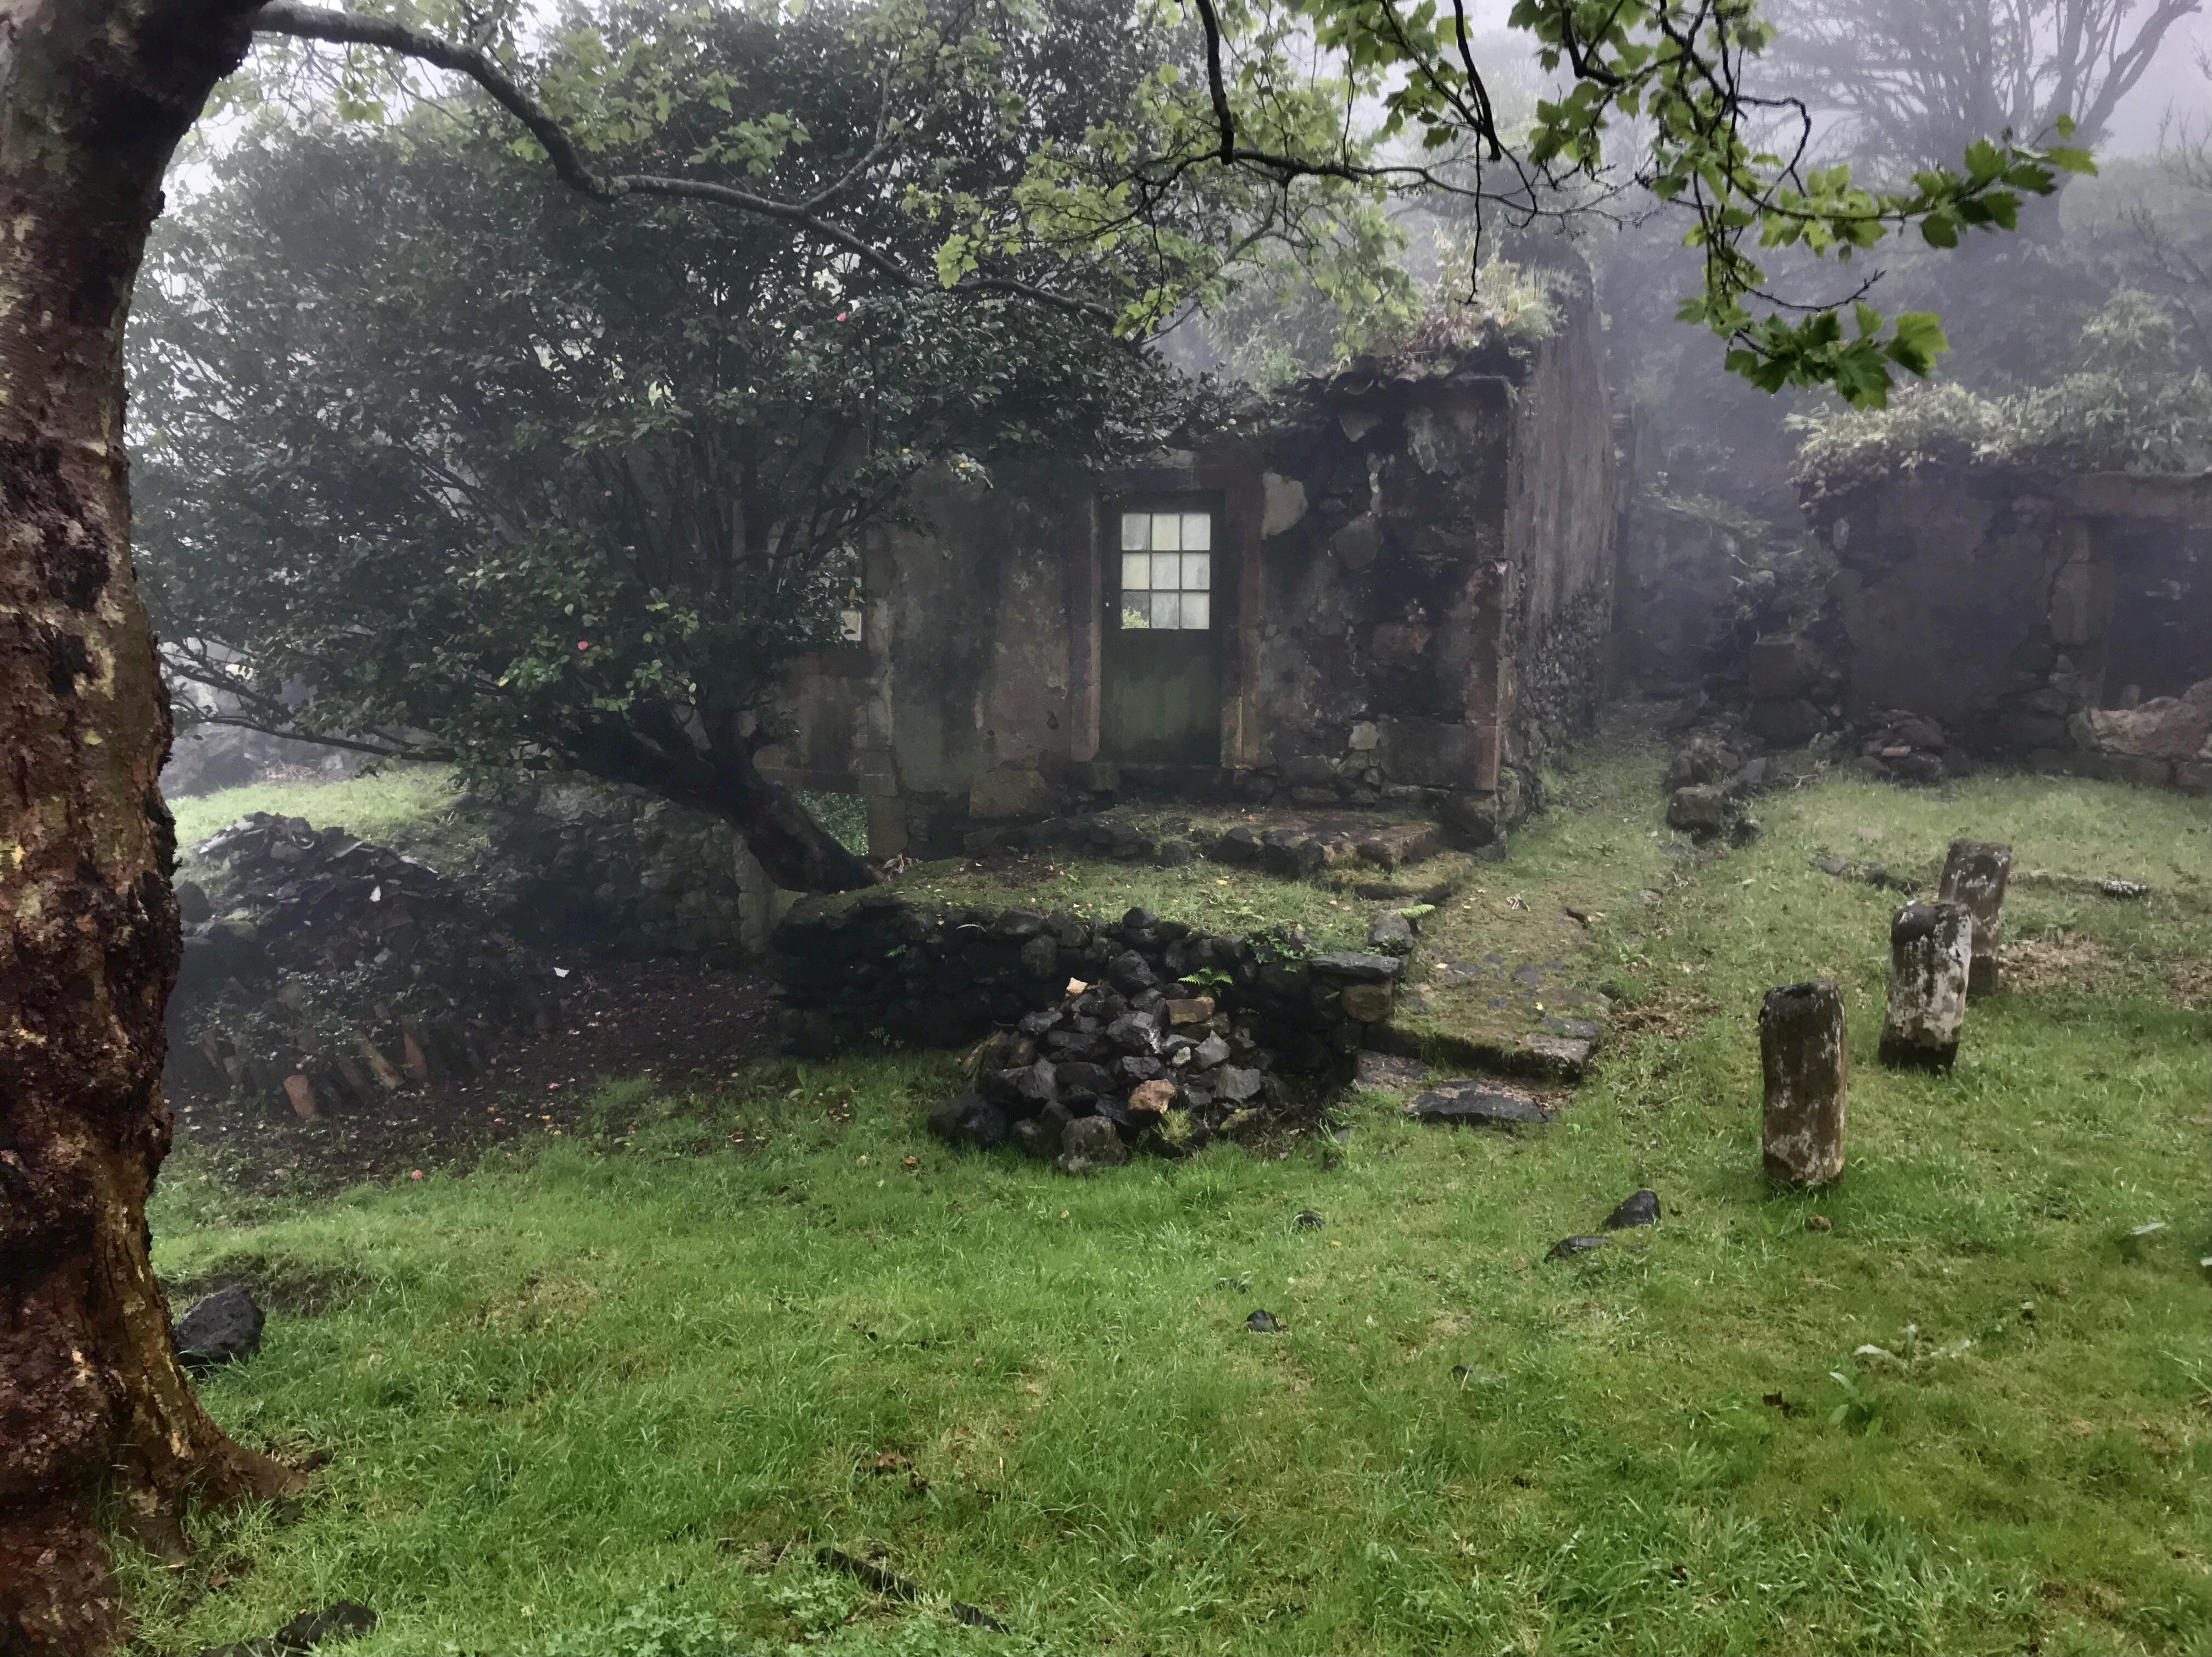 Casa das Flores under mist